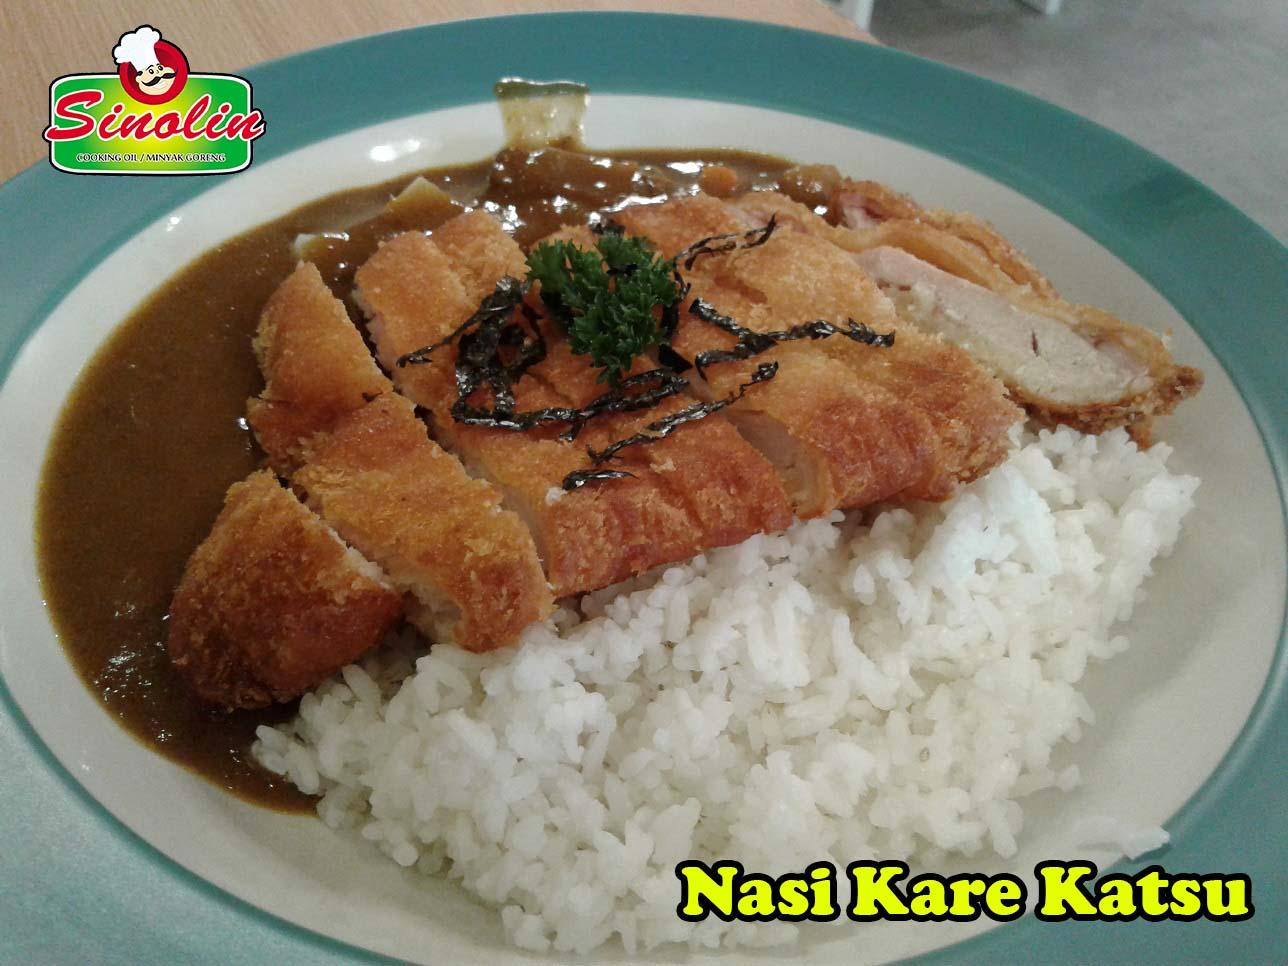 Nasi daging Katsu by Dapur Sinolin